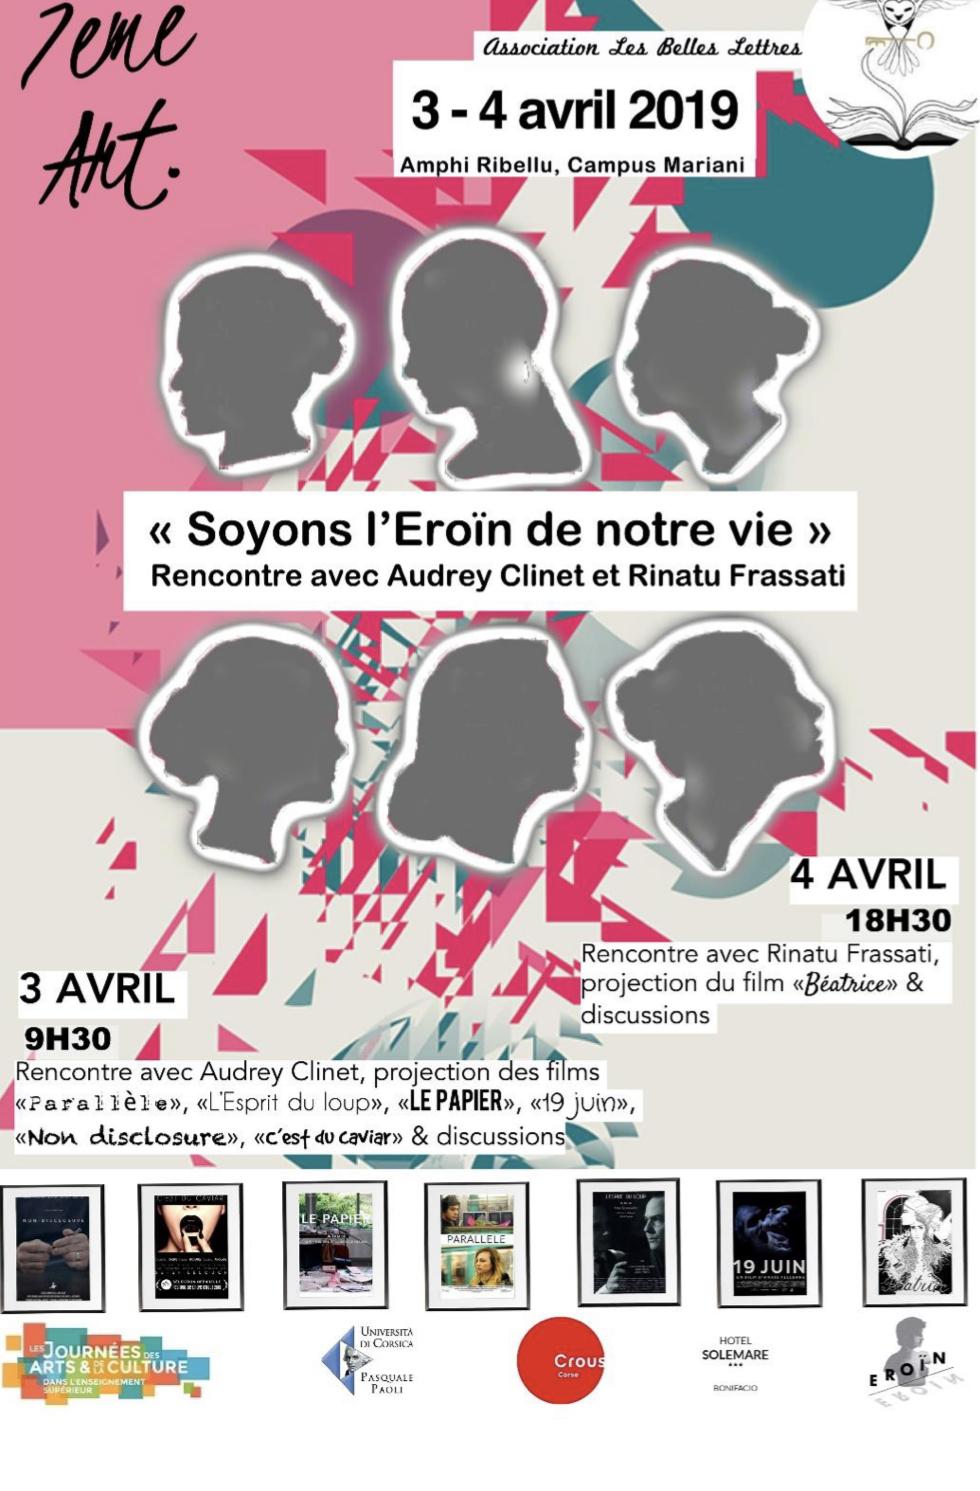 «Les Belles Lettres» organisent une rencontre avec Audrey Clinet et Rinatu Frassati de la boite de production Eroïn le 4 avril à Corte